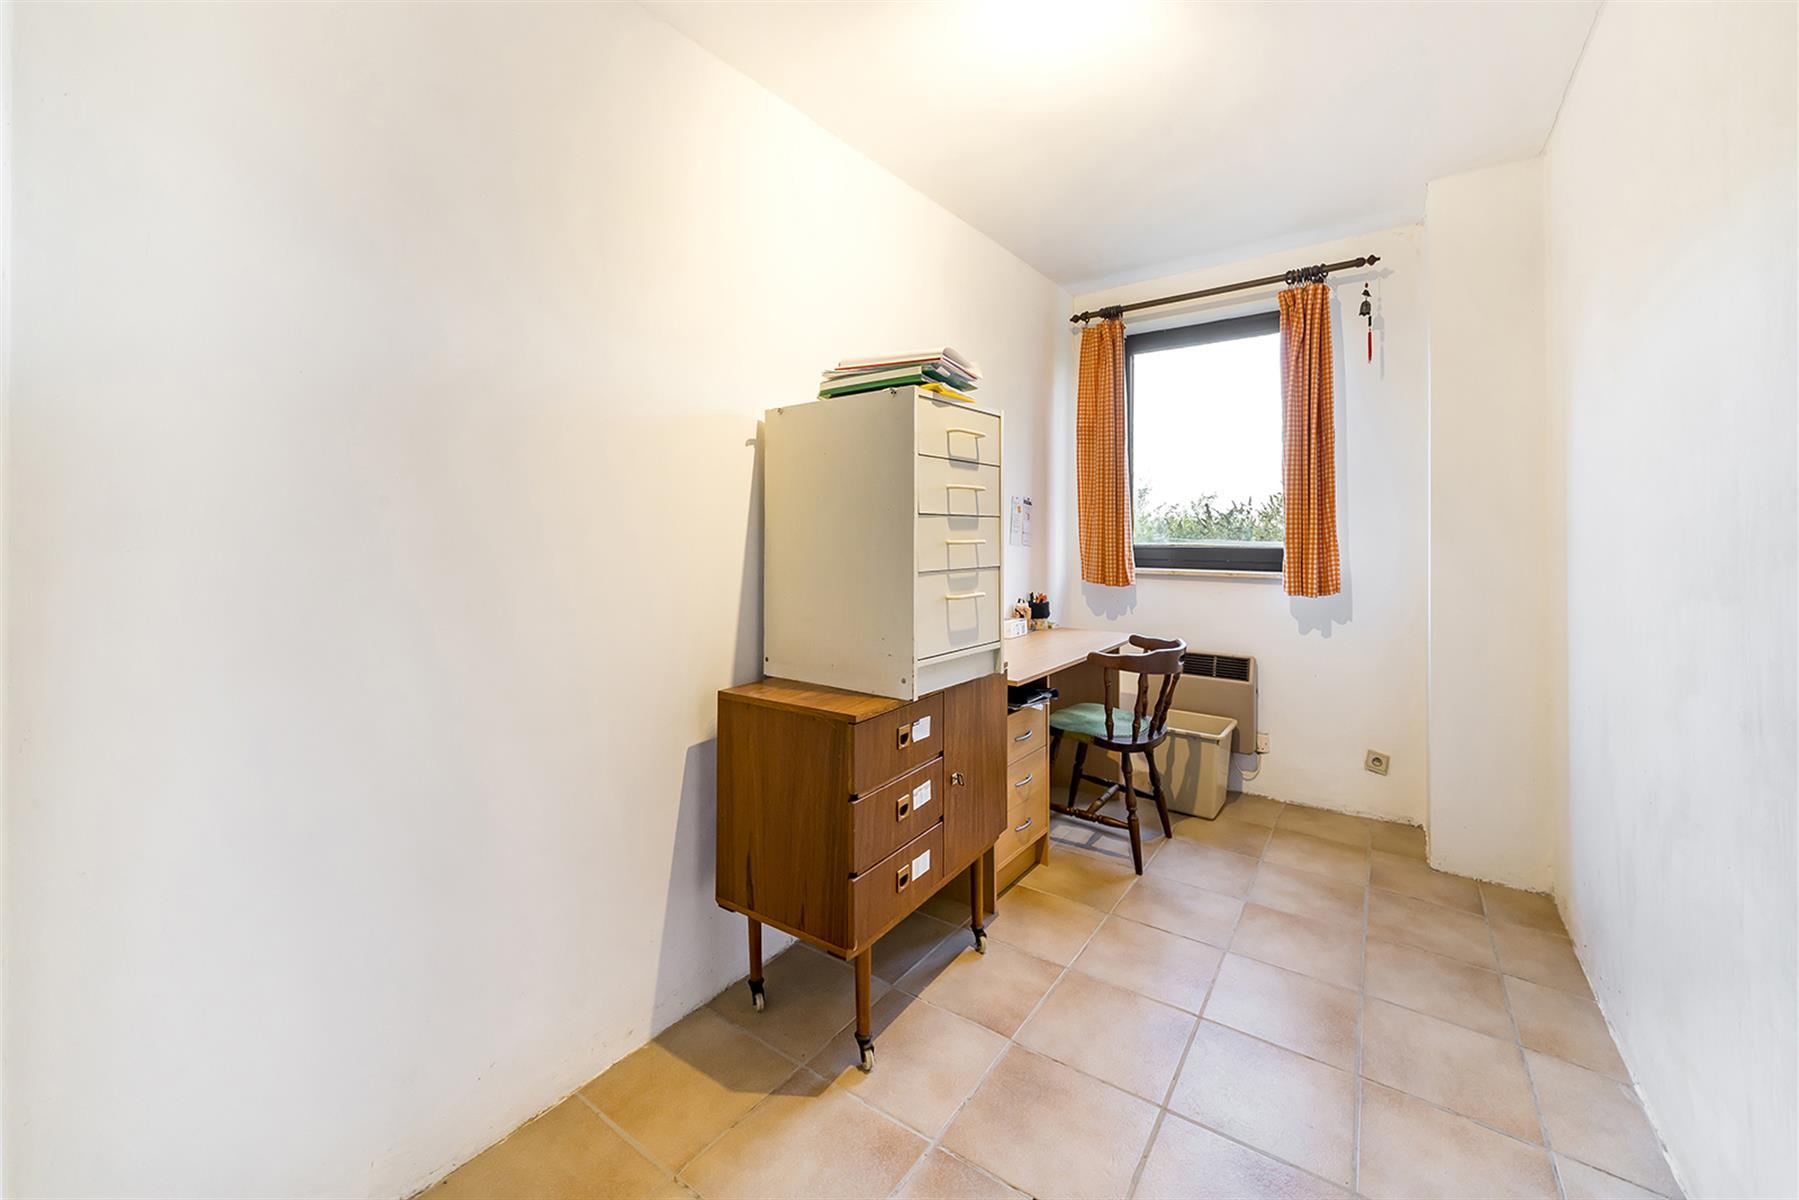 Maison unifamiliale - Orp-Jauche - #3623125-11